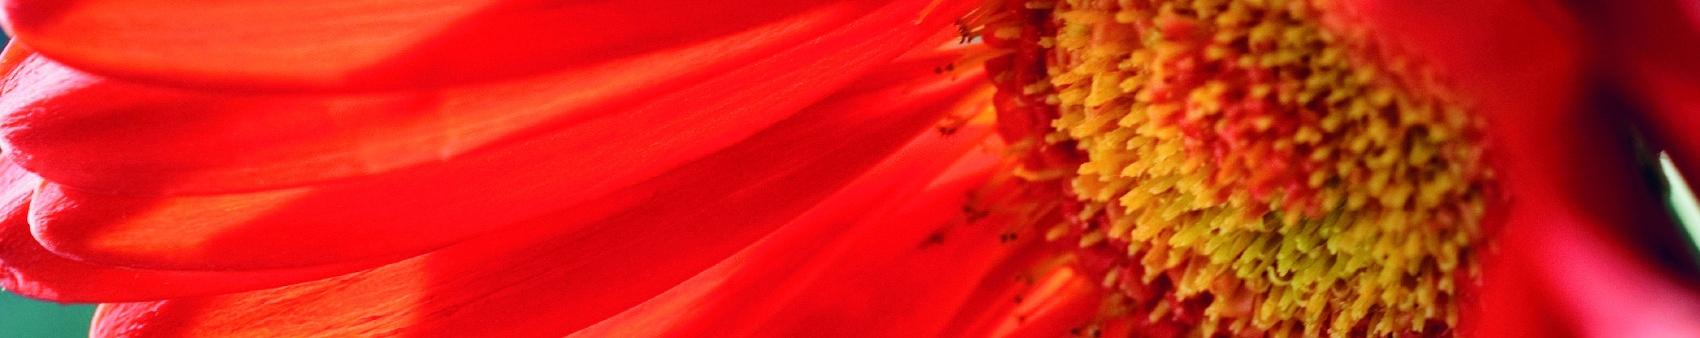 redflower_wide